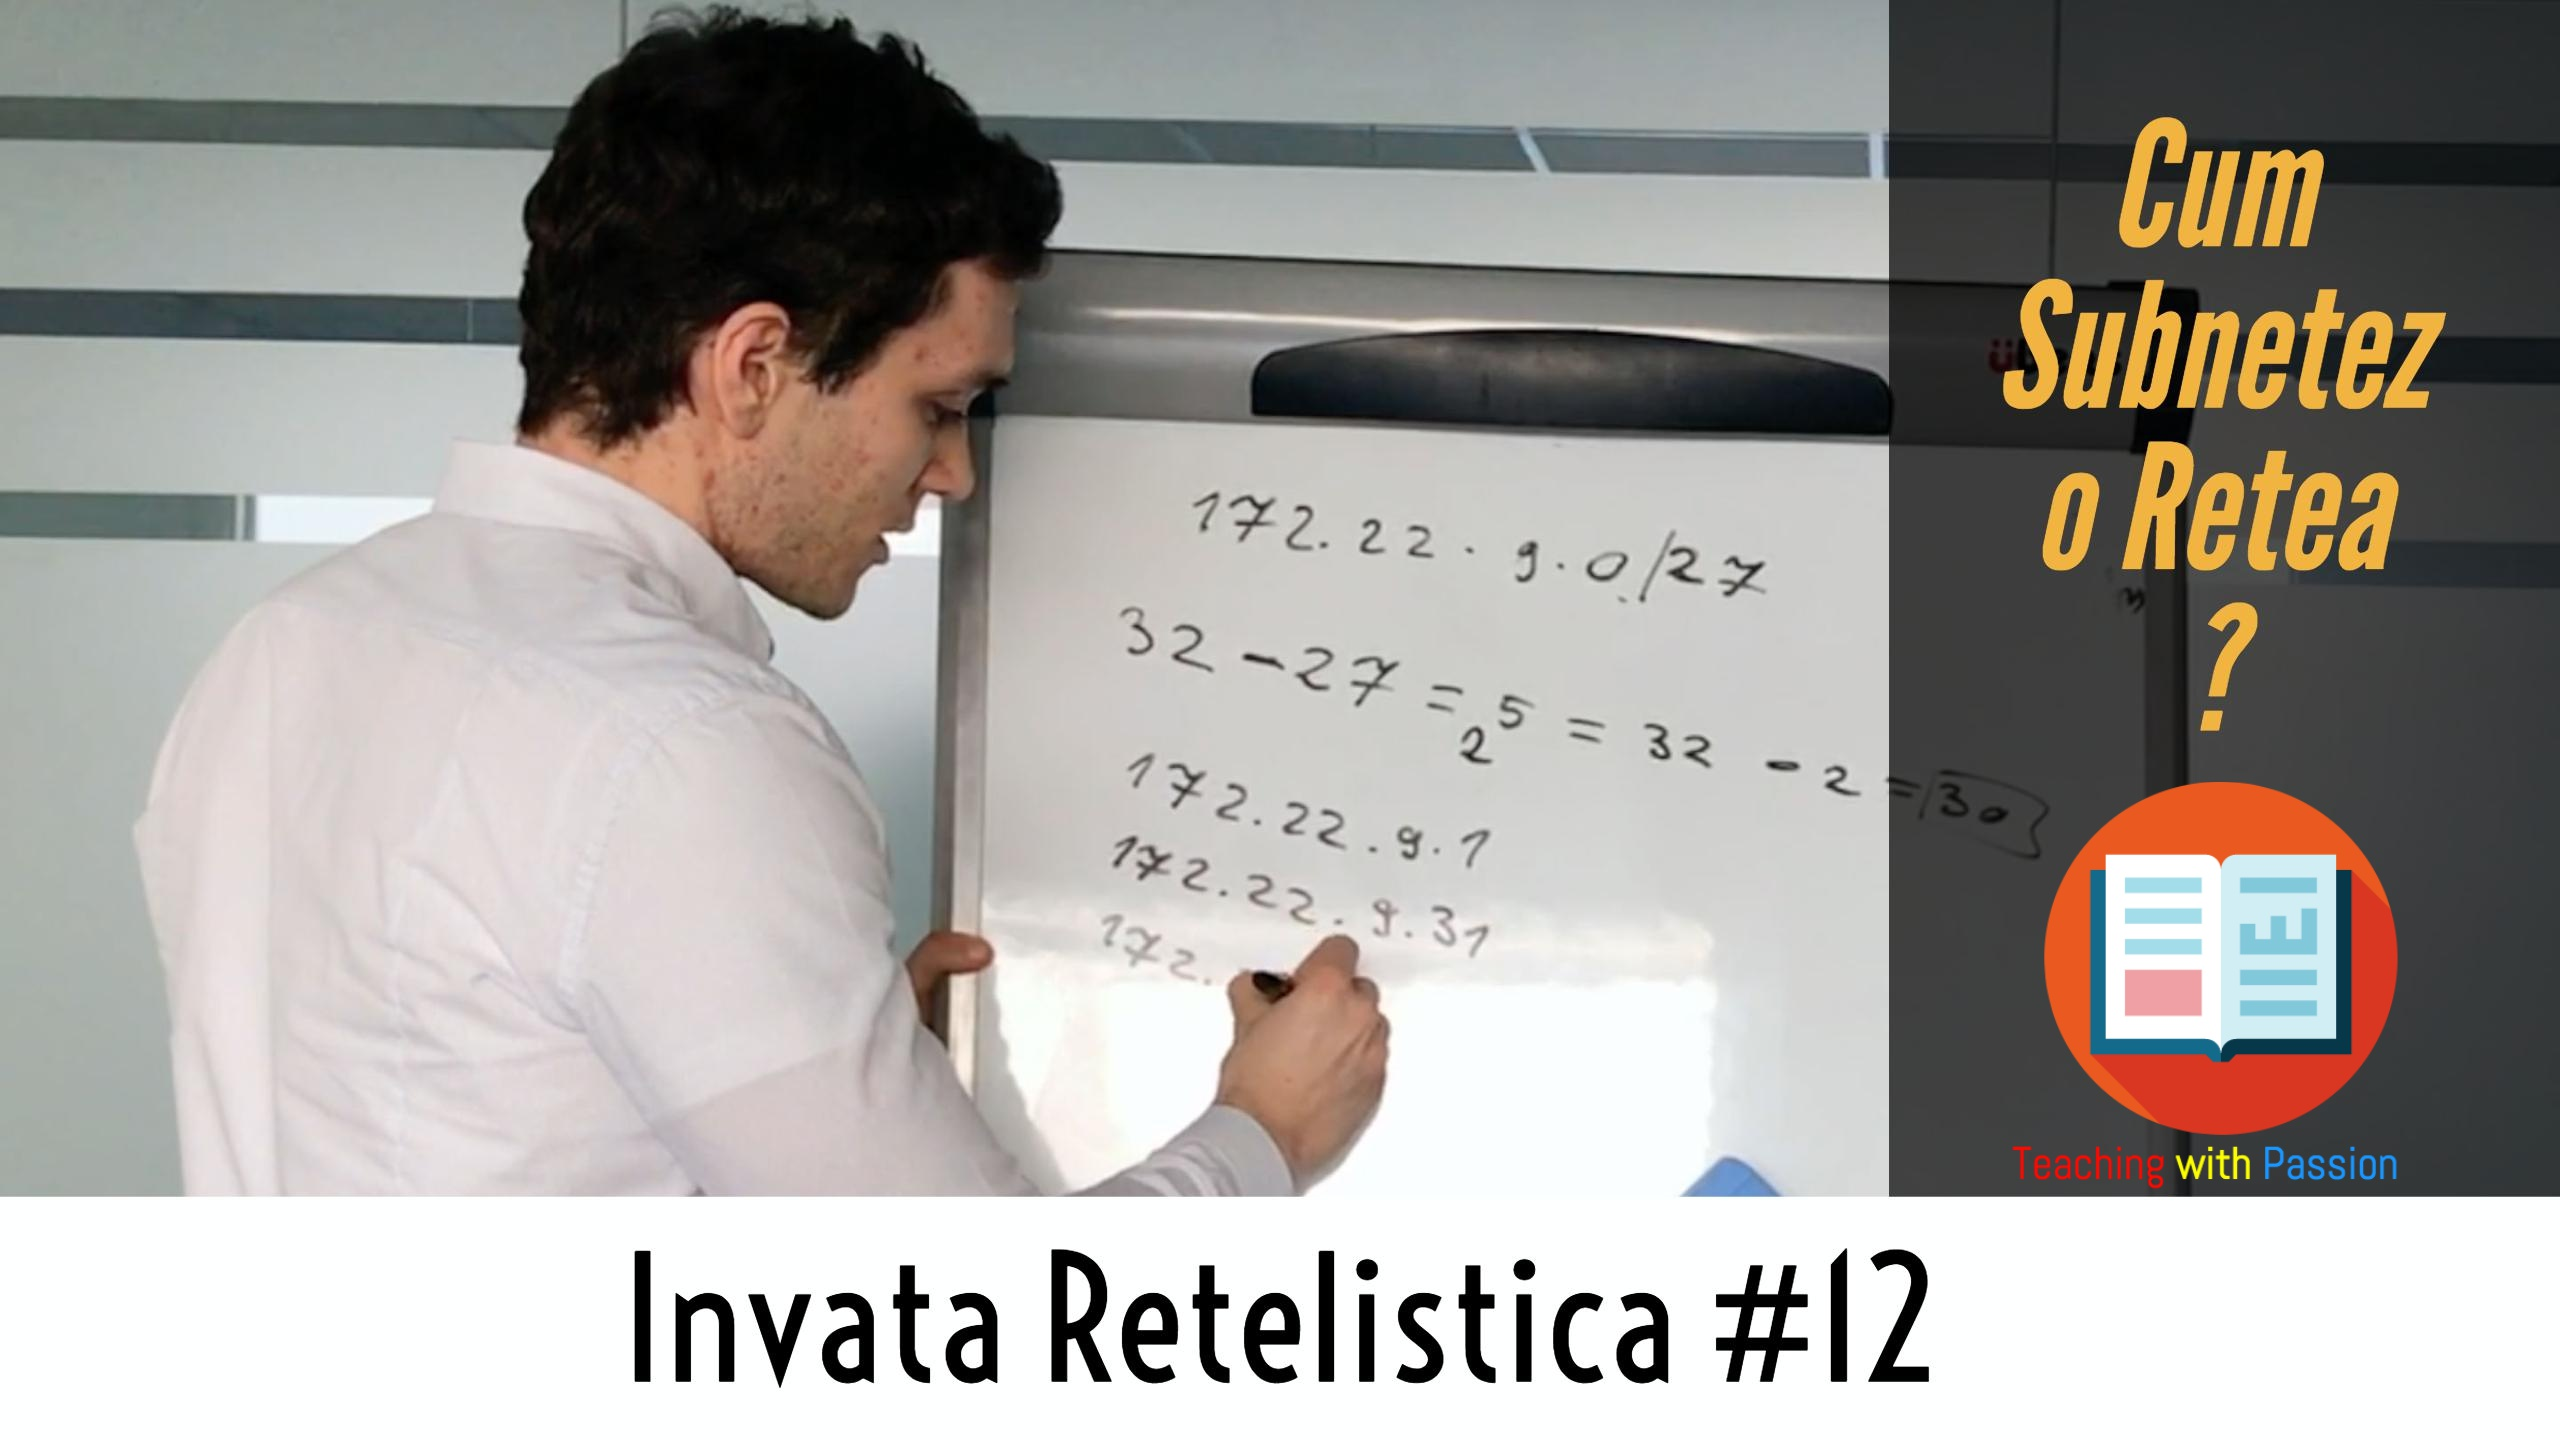 🤔 Cum Subnetez o Retea ? | Invata Retelistica #12